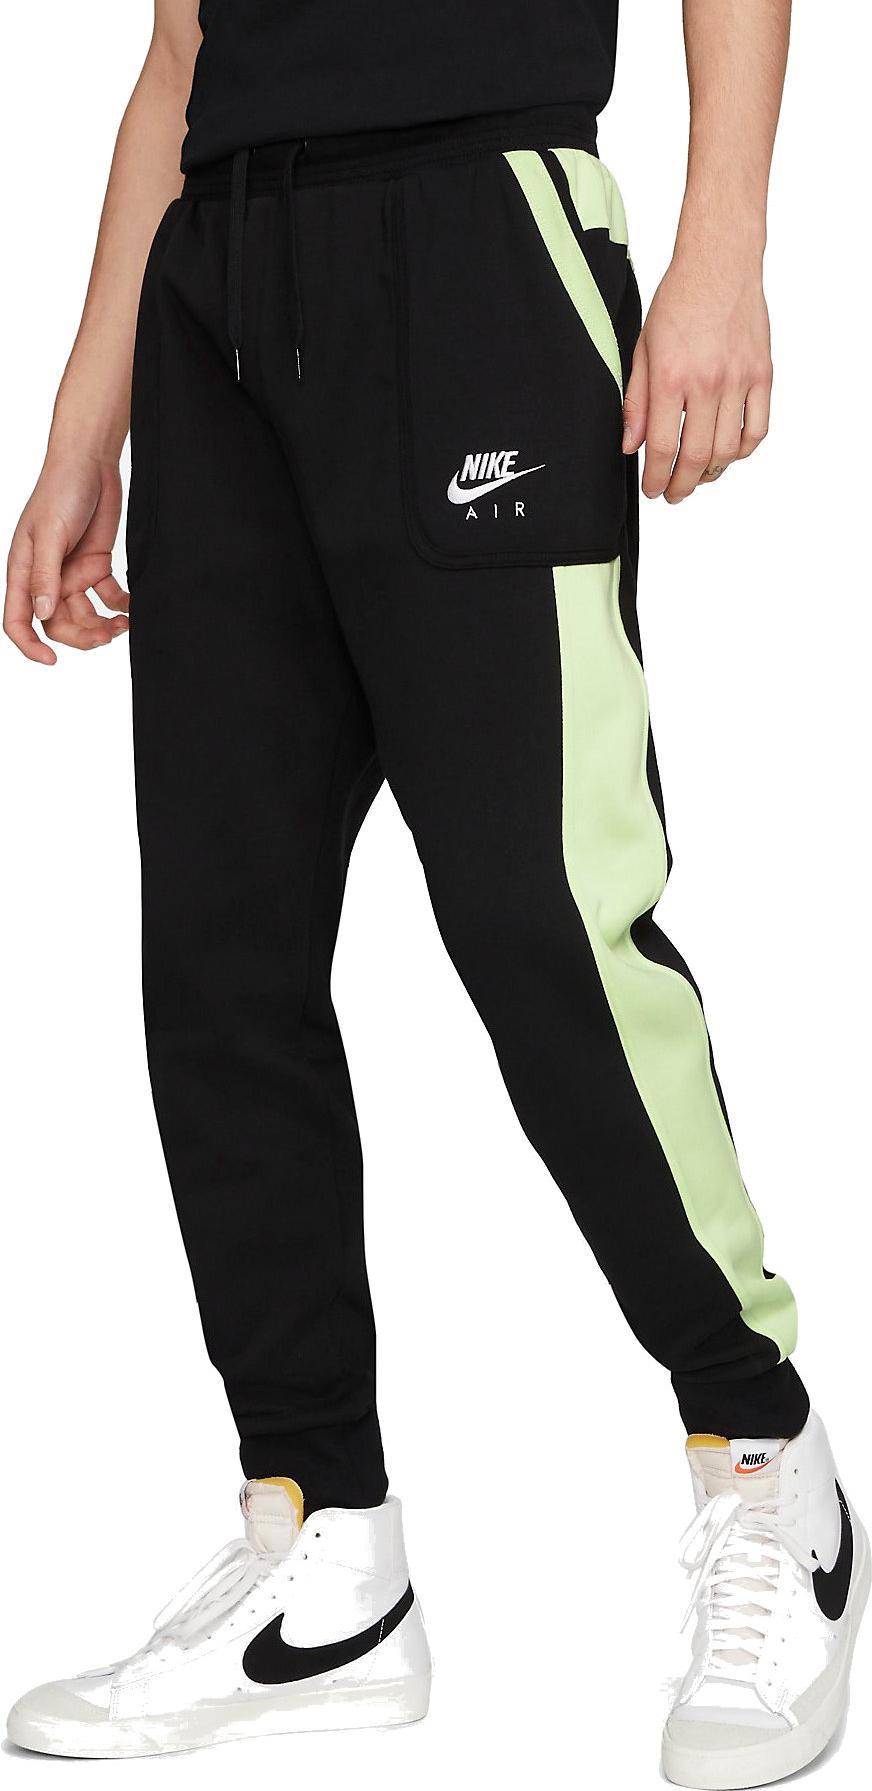 Kalhoty Nike  Air